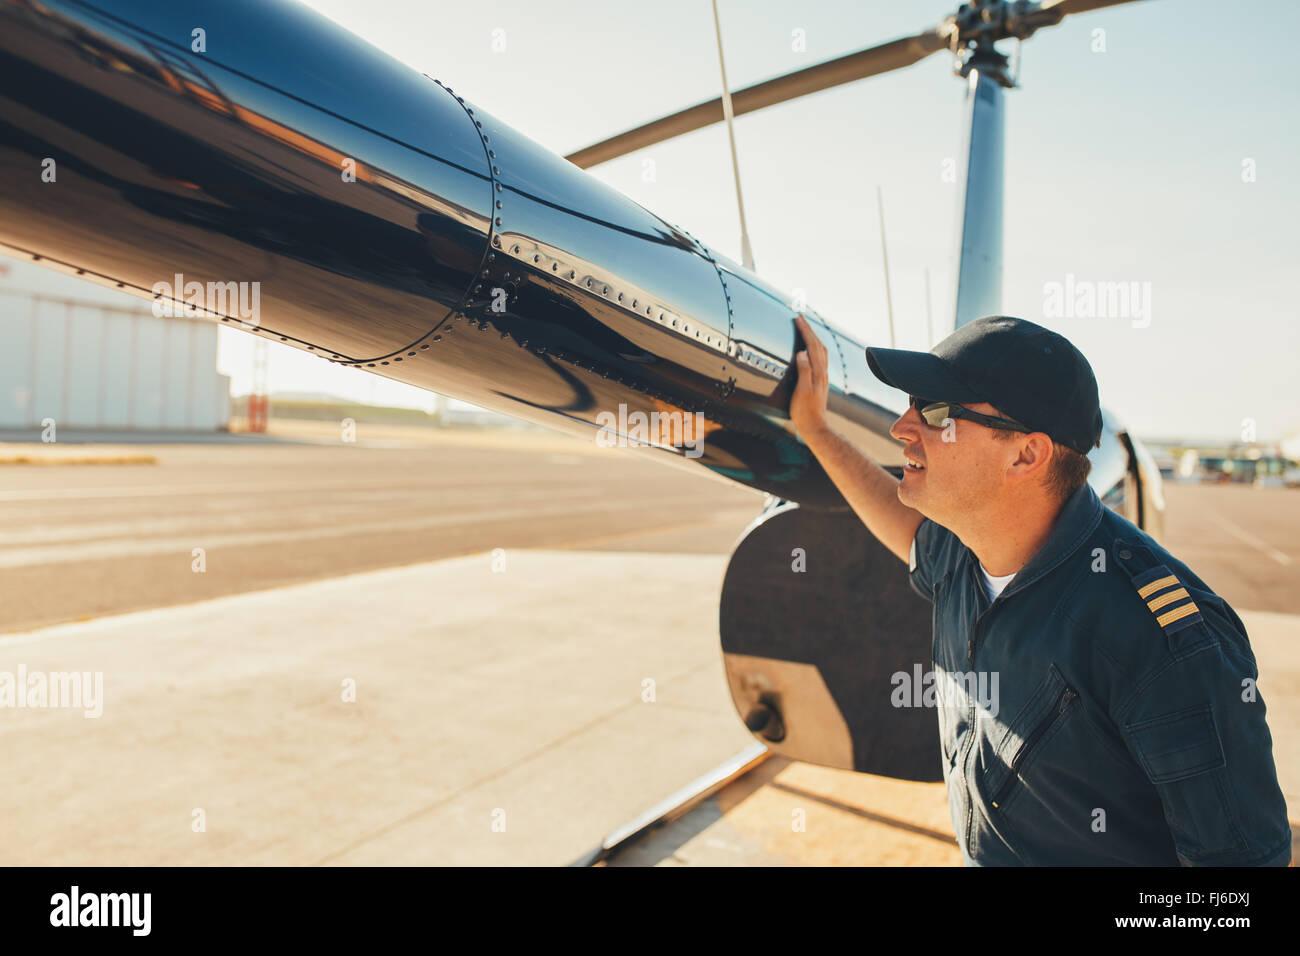 Homme des contrôles de la queue de l'hélicoptère avant le vol. La vérification mécanique Photo Stock